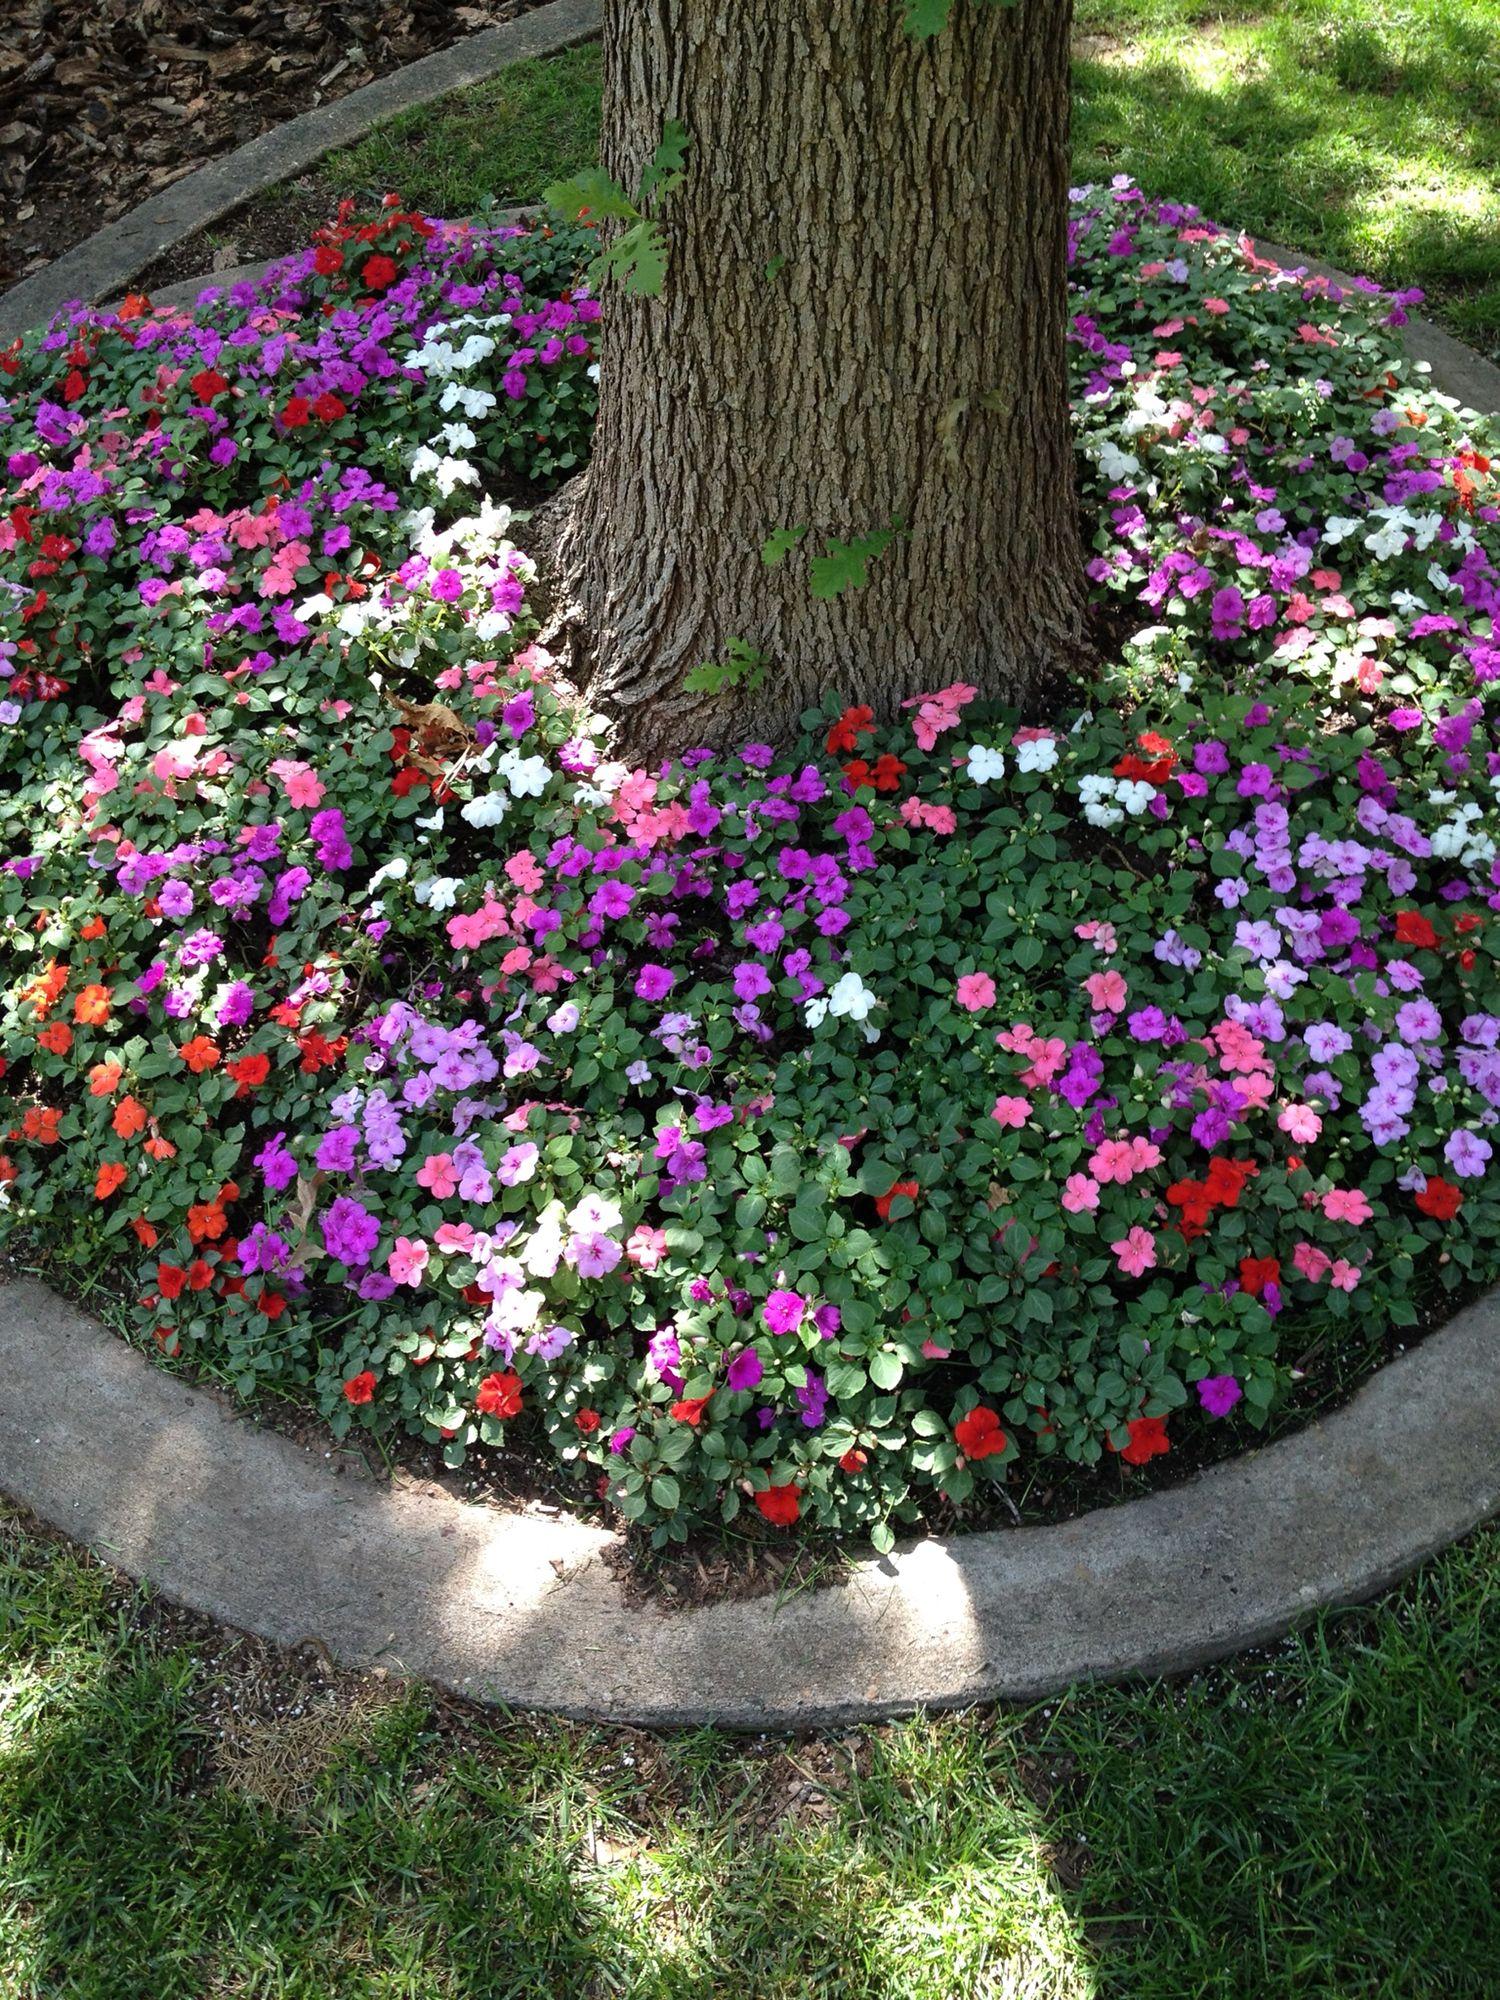 жители европейских цветы вокруг деревьев фото эпоху кринолинов